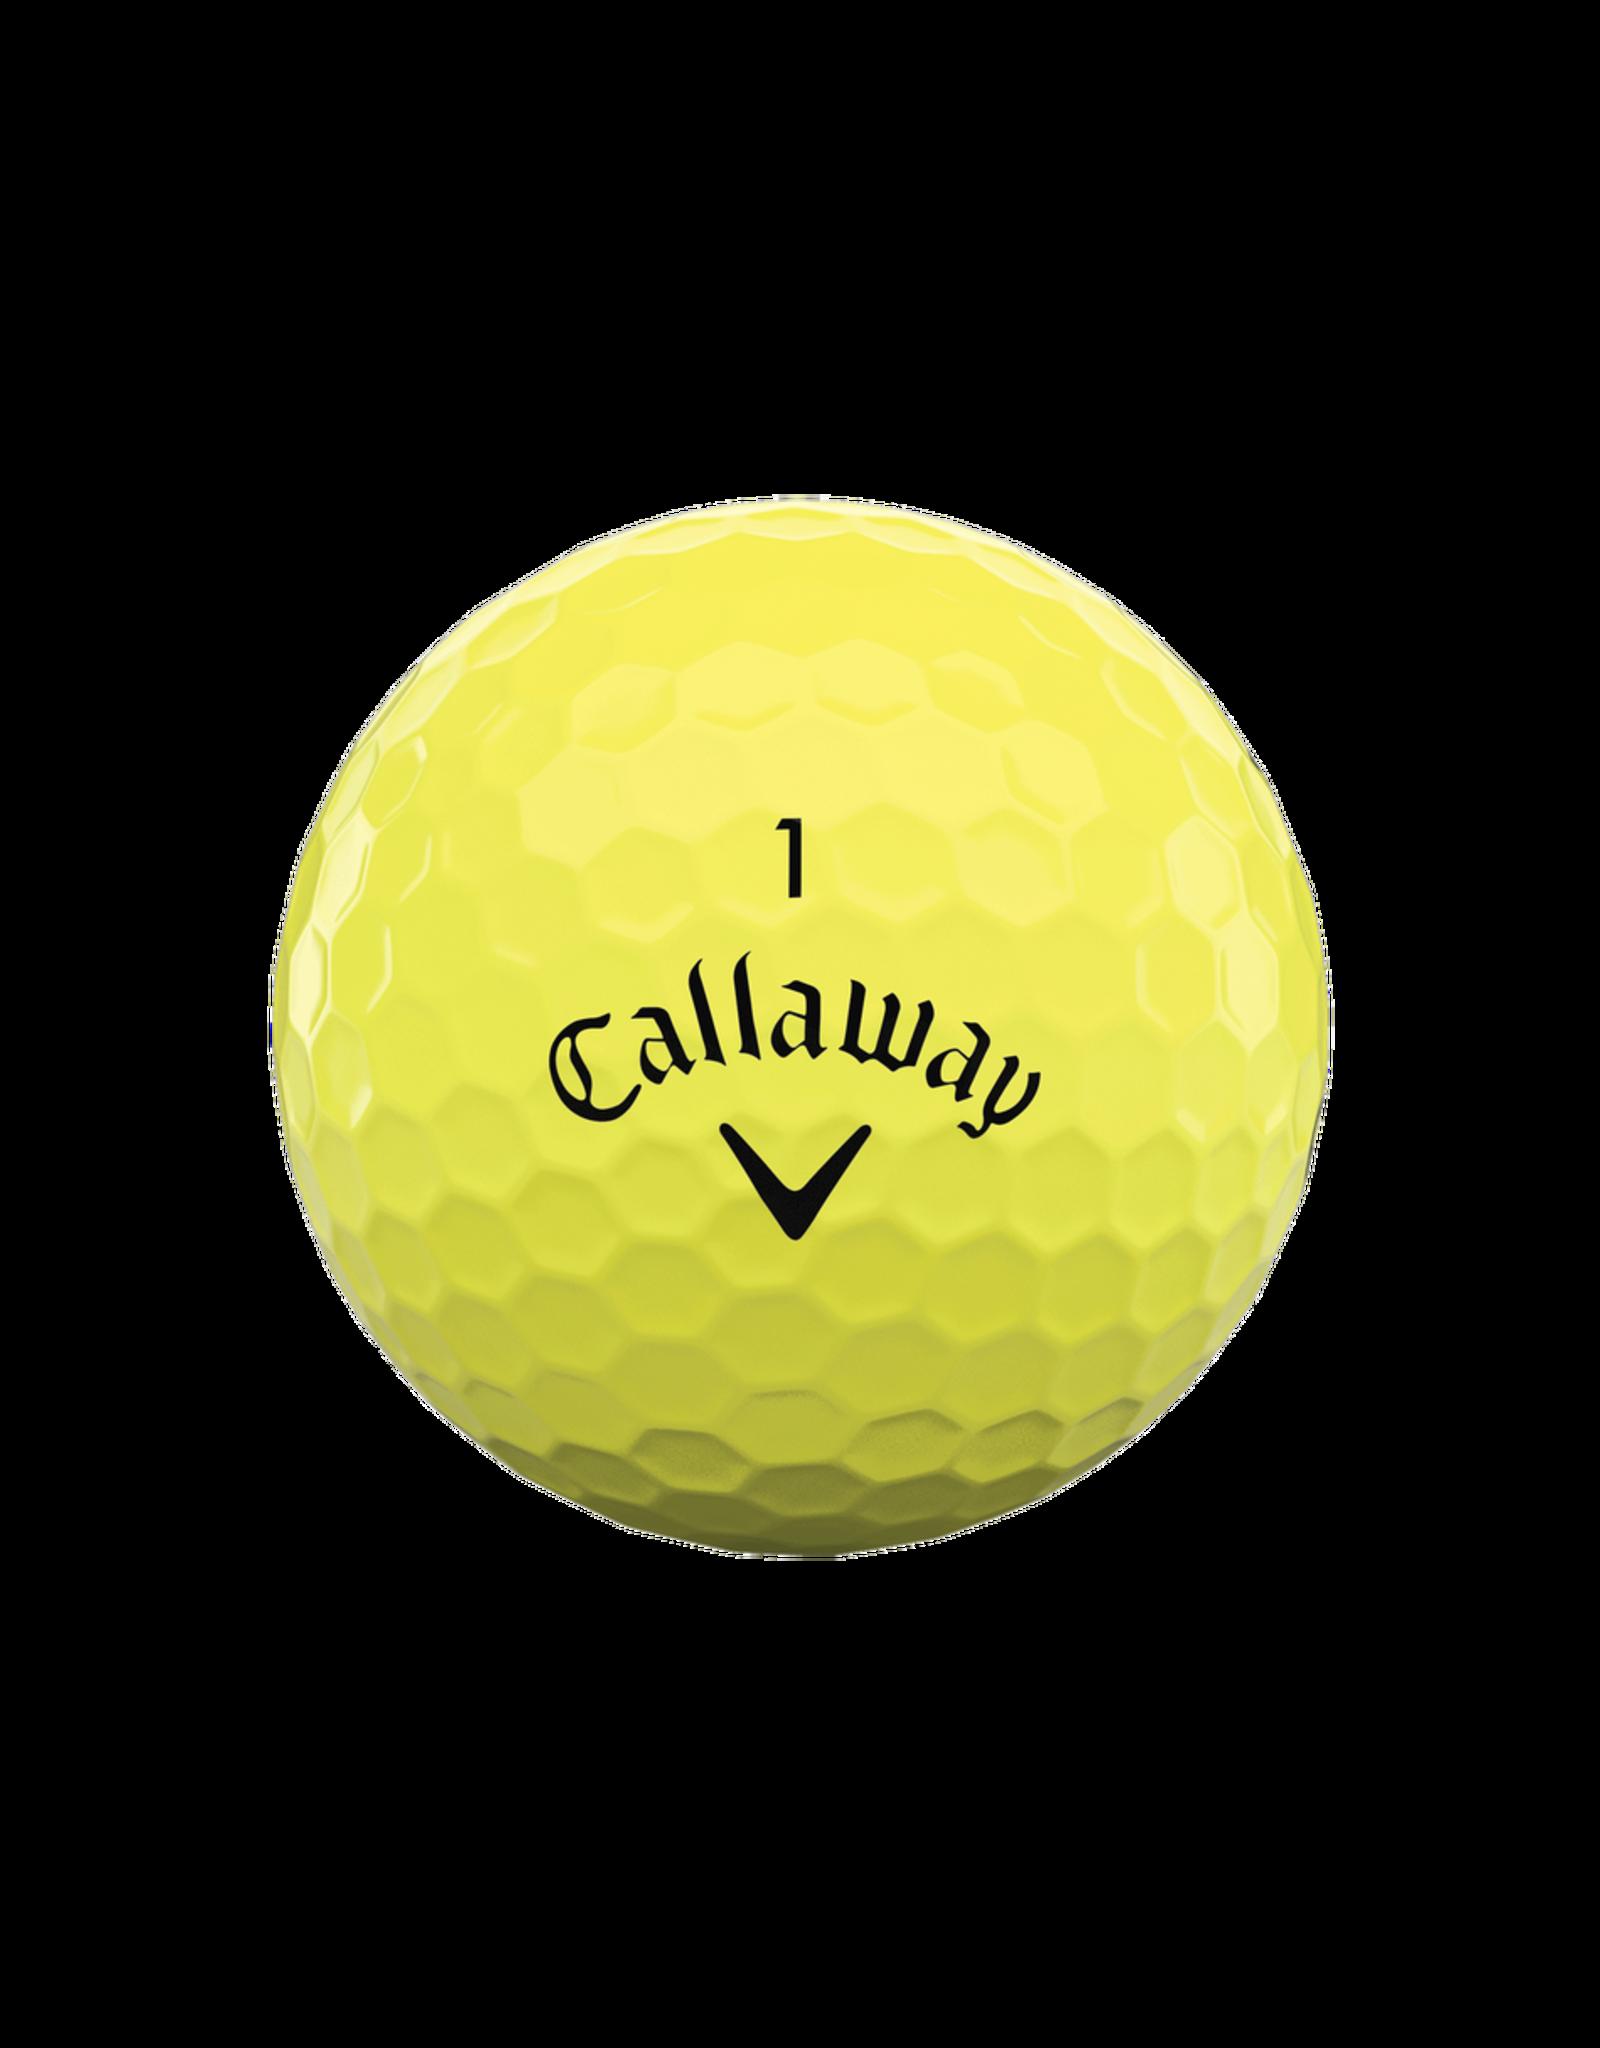 Callaway Callaway Balls Supersoft Yellow Dozen